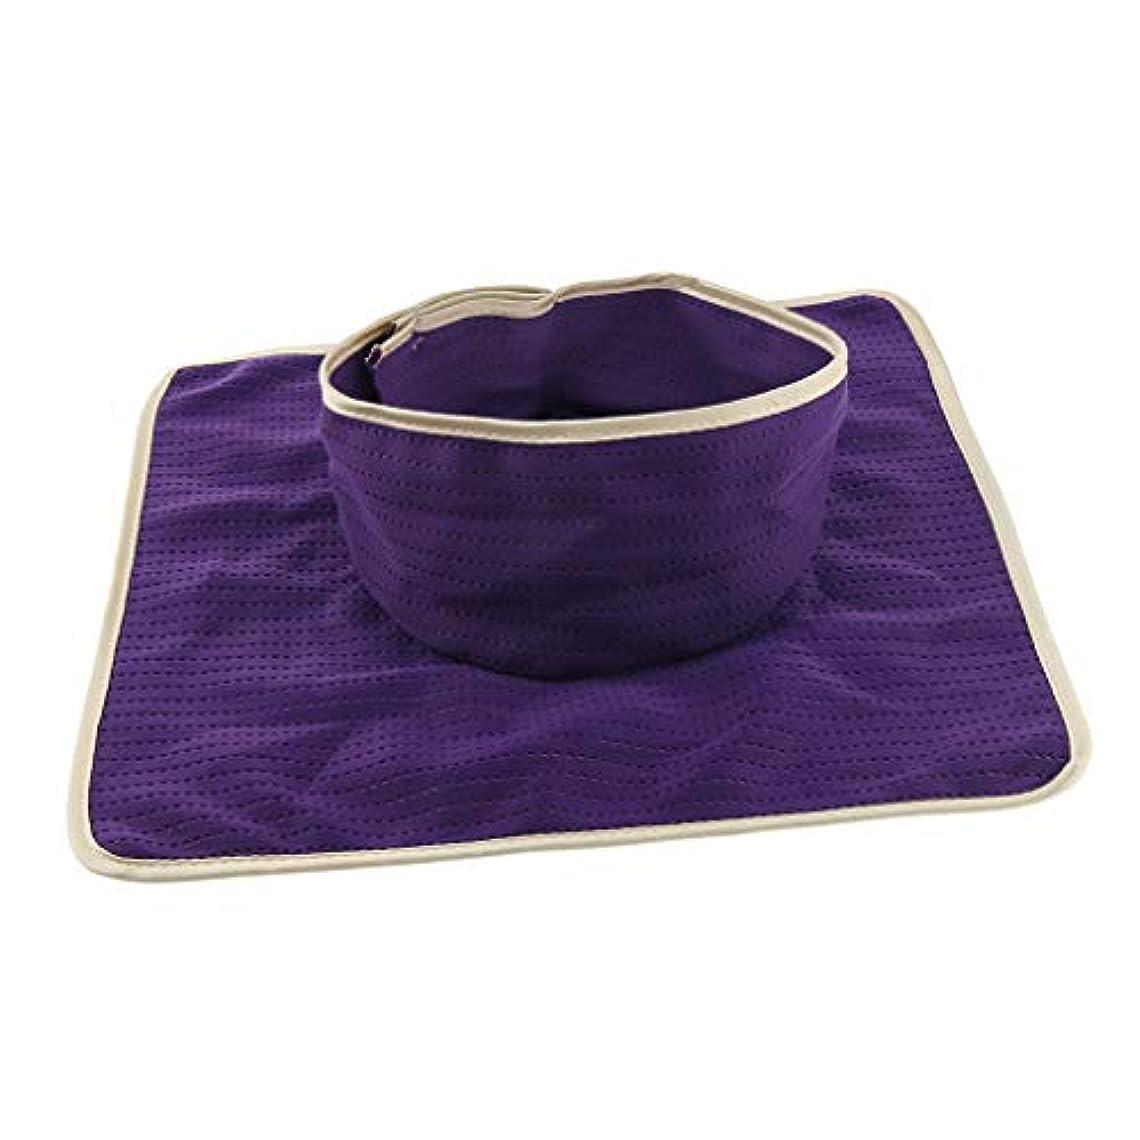 薬を飲む勇気ホールドオールPerfeclan マッサージ ベッドカバー シート パッド 洗濯可能 再利用可能 約35×35cm 全3色 - 紫